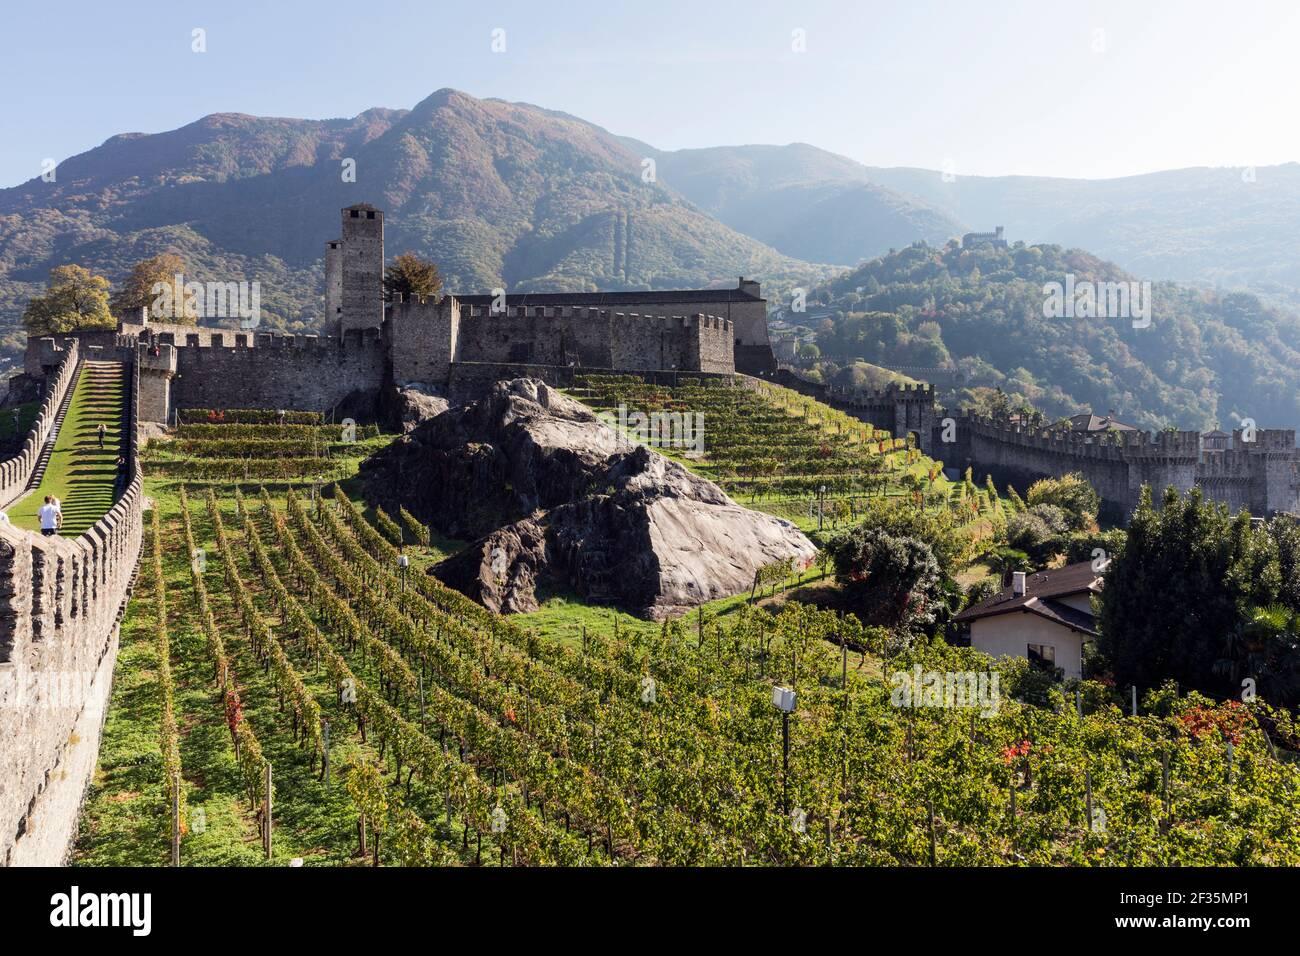 Svizzera,Ticino,Bellinzona, castello Castelgrande, Foto Stock